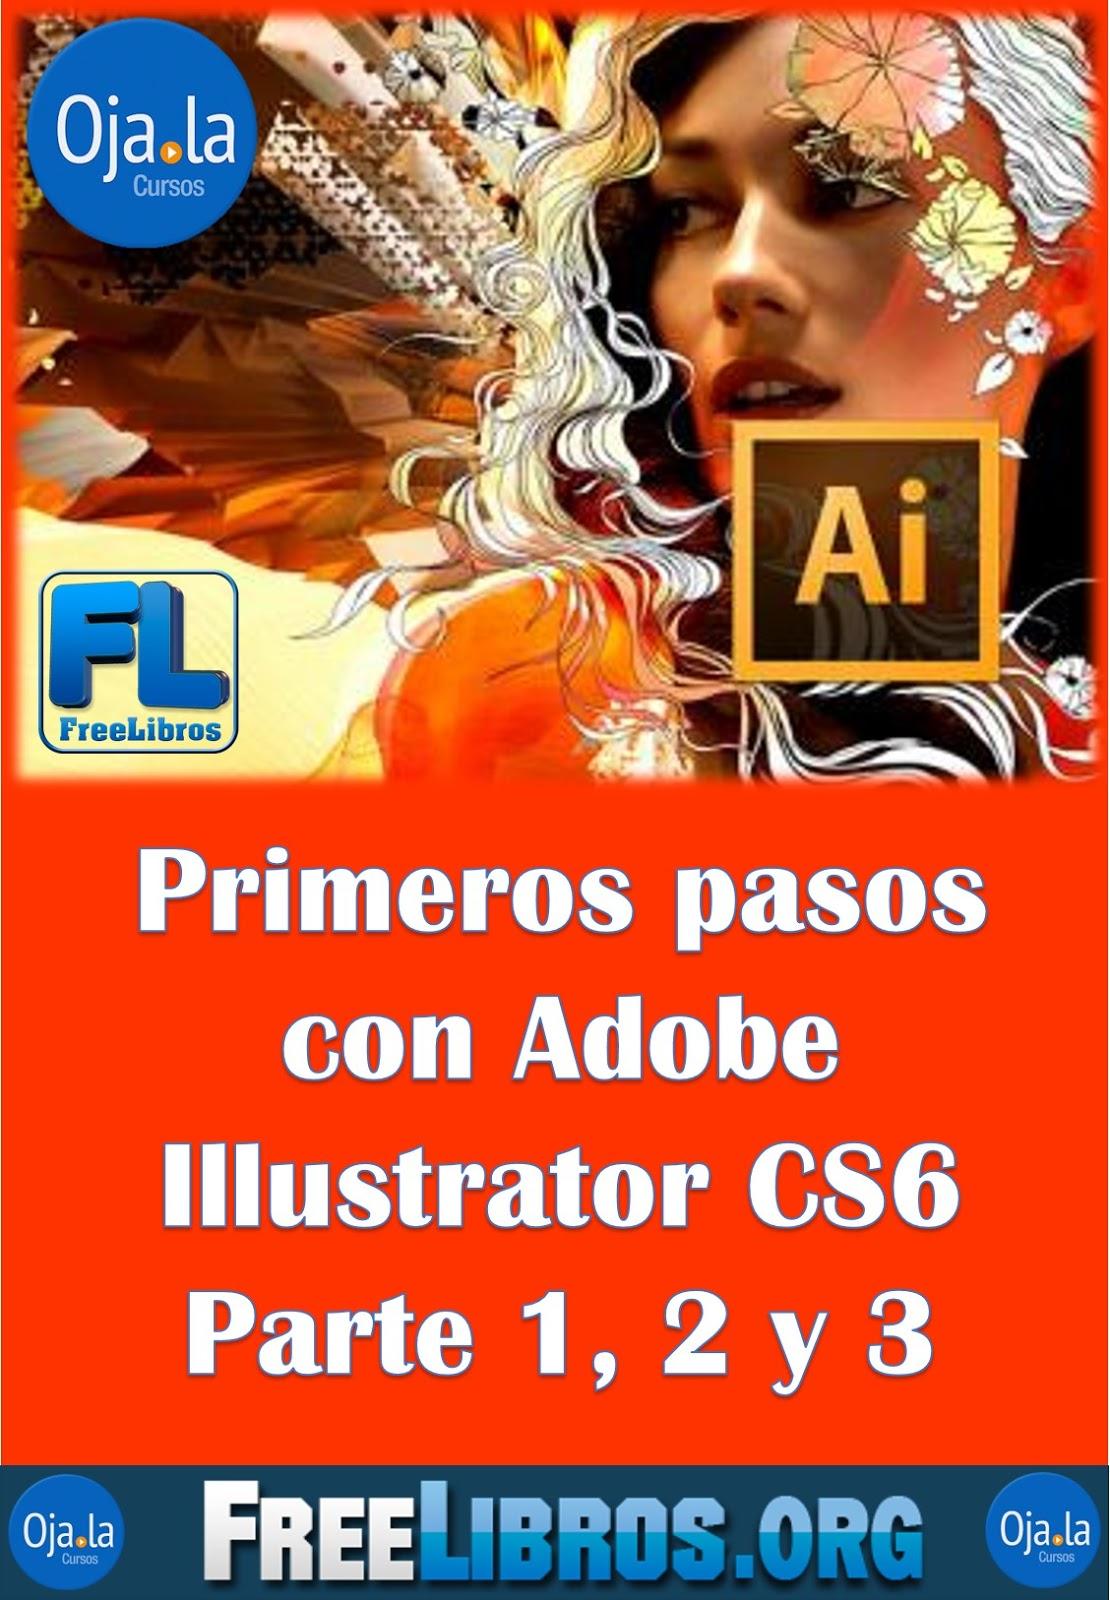 Primeros pasos con Adobe Illustrator CS6: Parte 1, 2 y 3